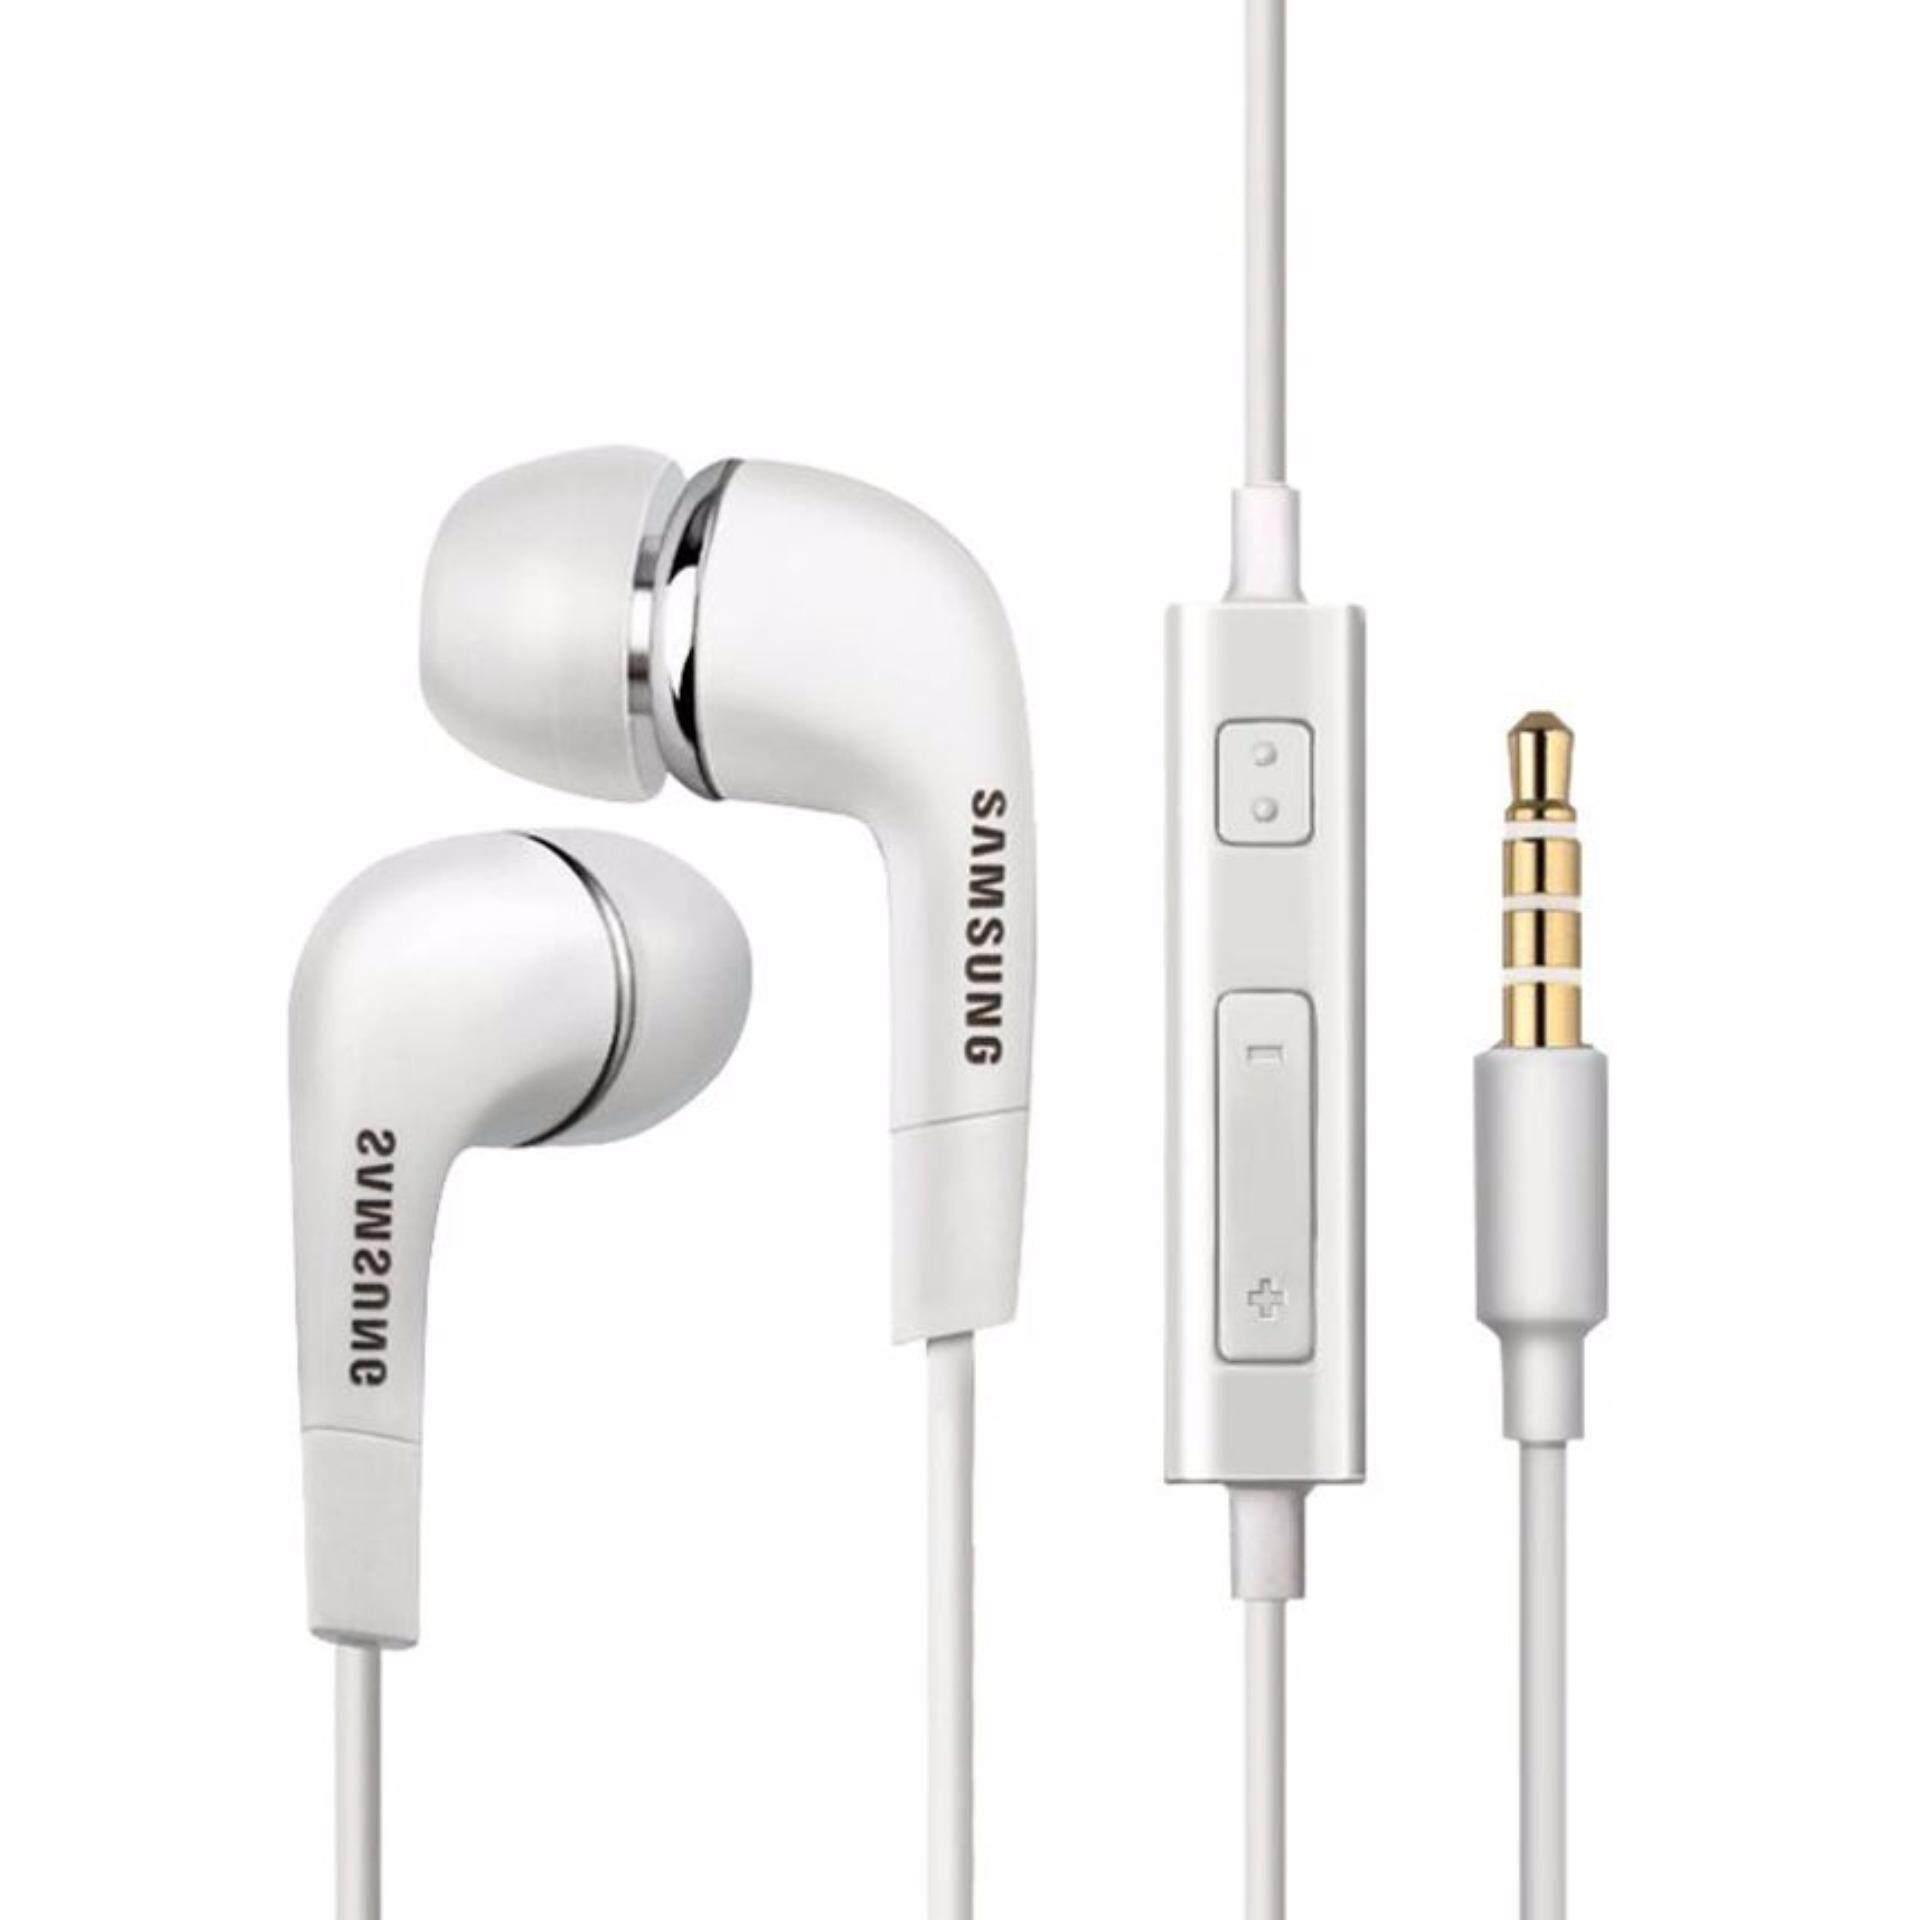 ของแท้ ลดราคา หูฟัง Unbranded/generic Earphone หูฟังไร้สายบลูทูธ แม่เหล็ก (สีดำ) ของแท้ ราคาถูก